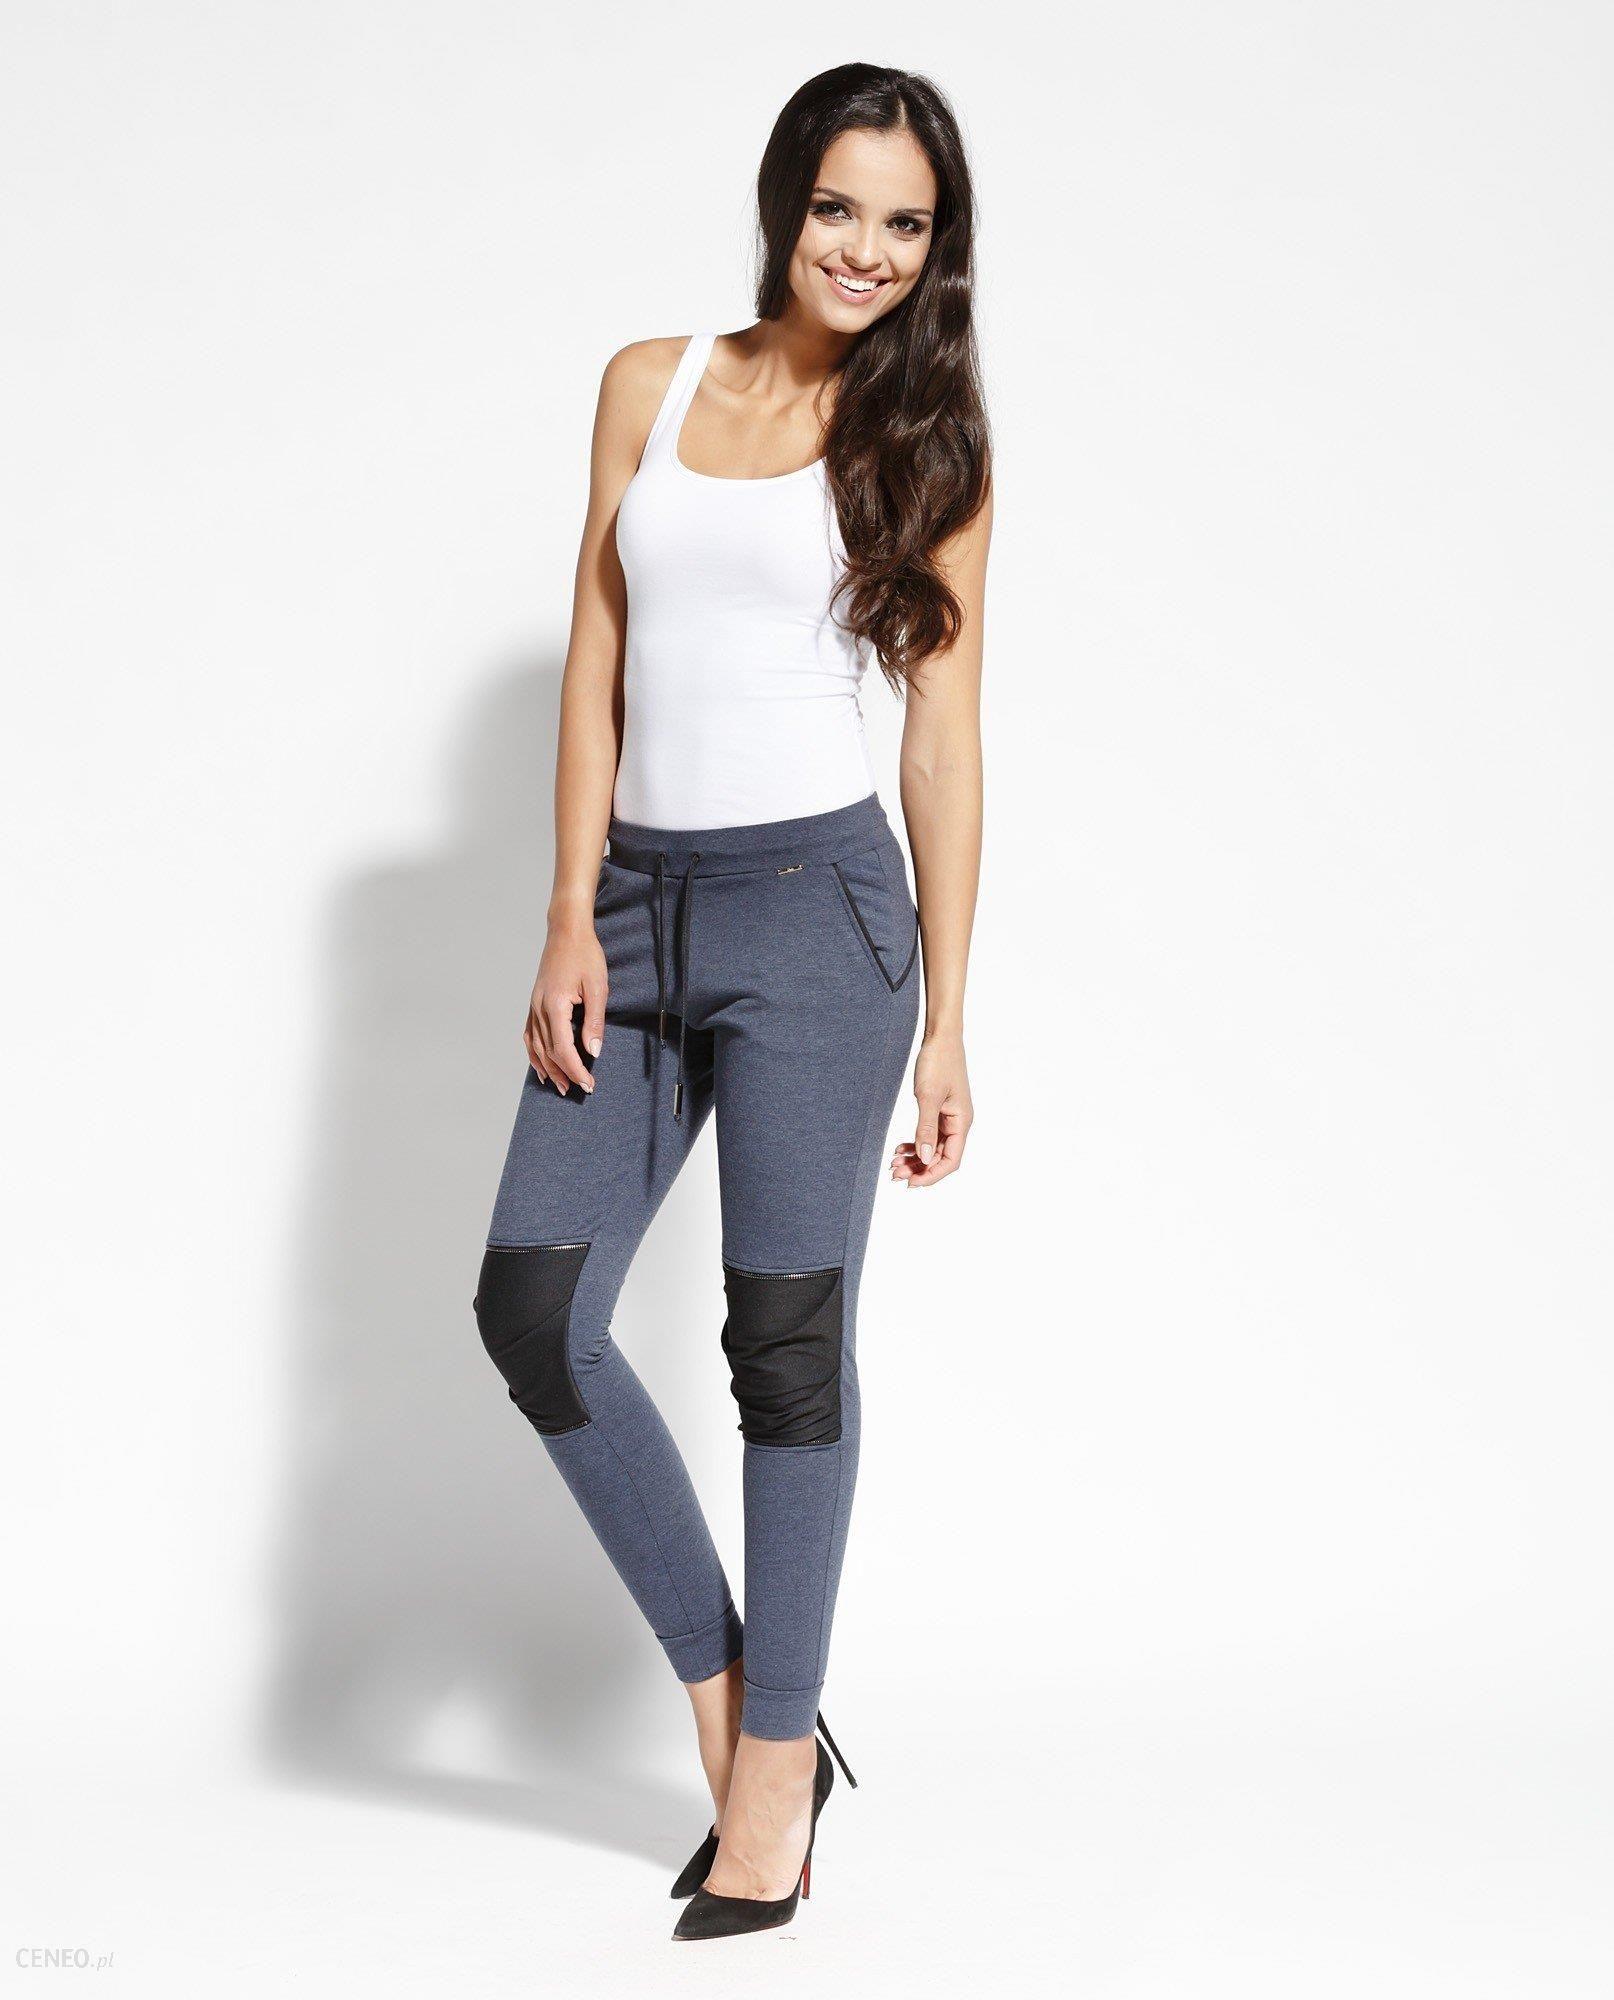 Dursi Długie spodnie dresowe - niebieskie BUSTY, Rozmiar: XL - zdjęcie 1